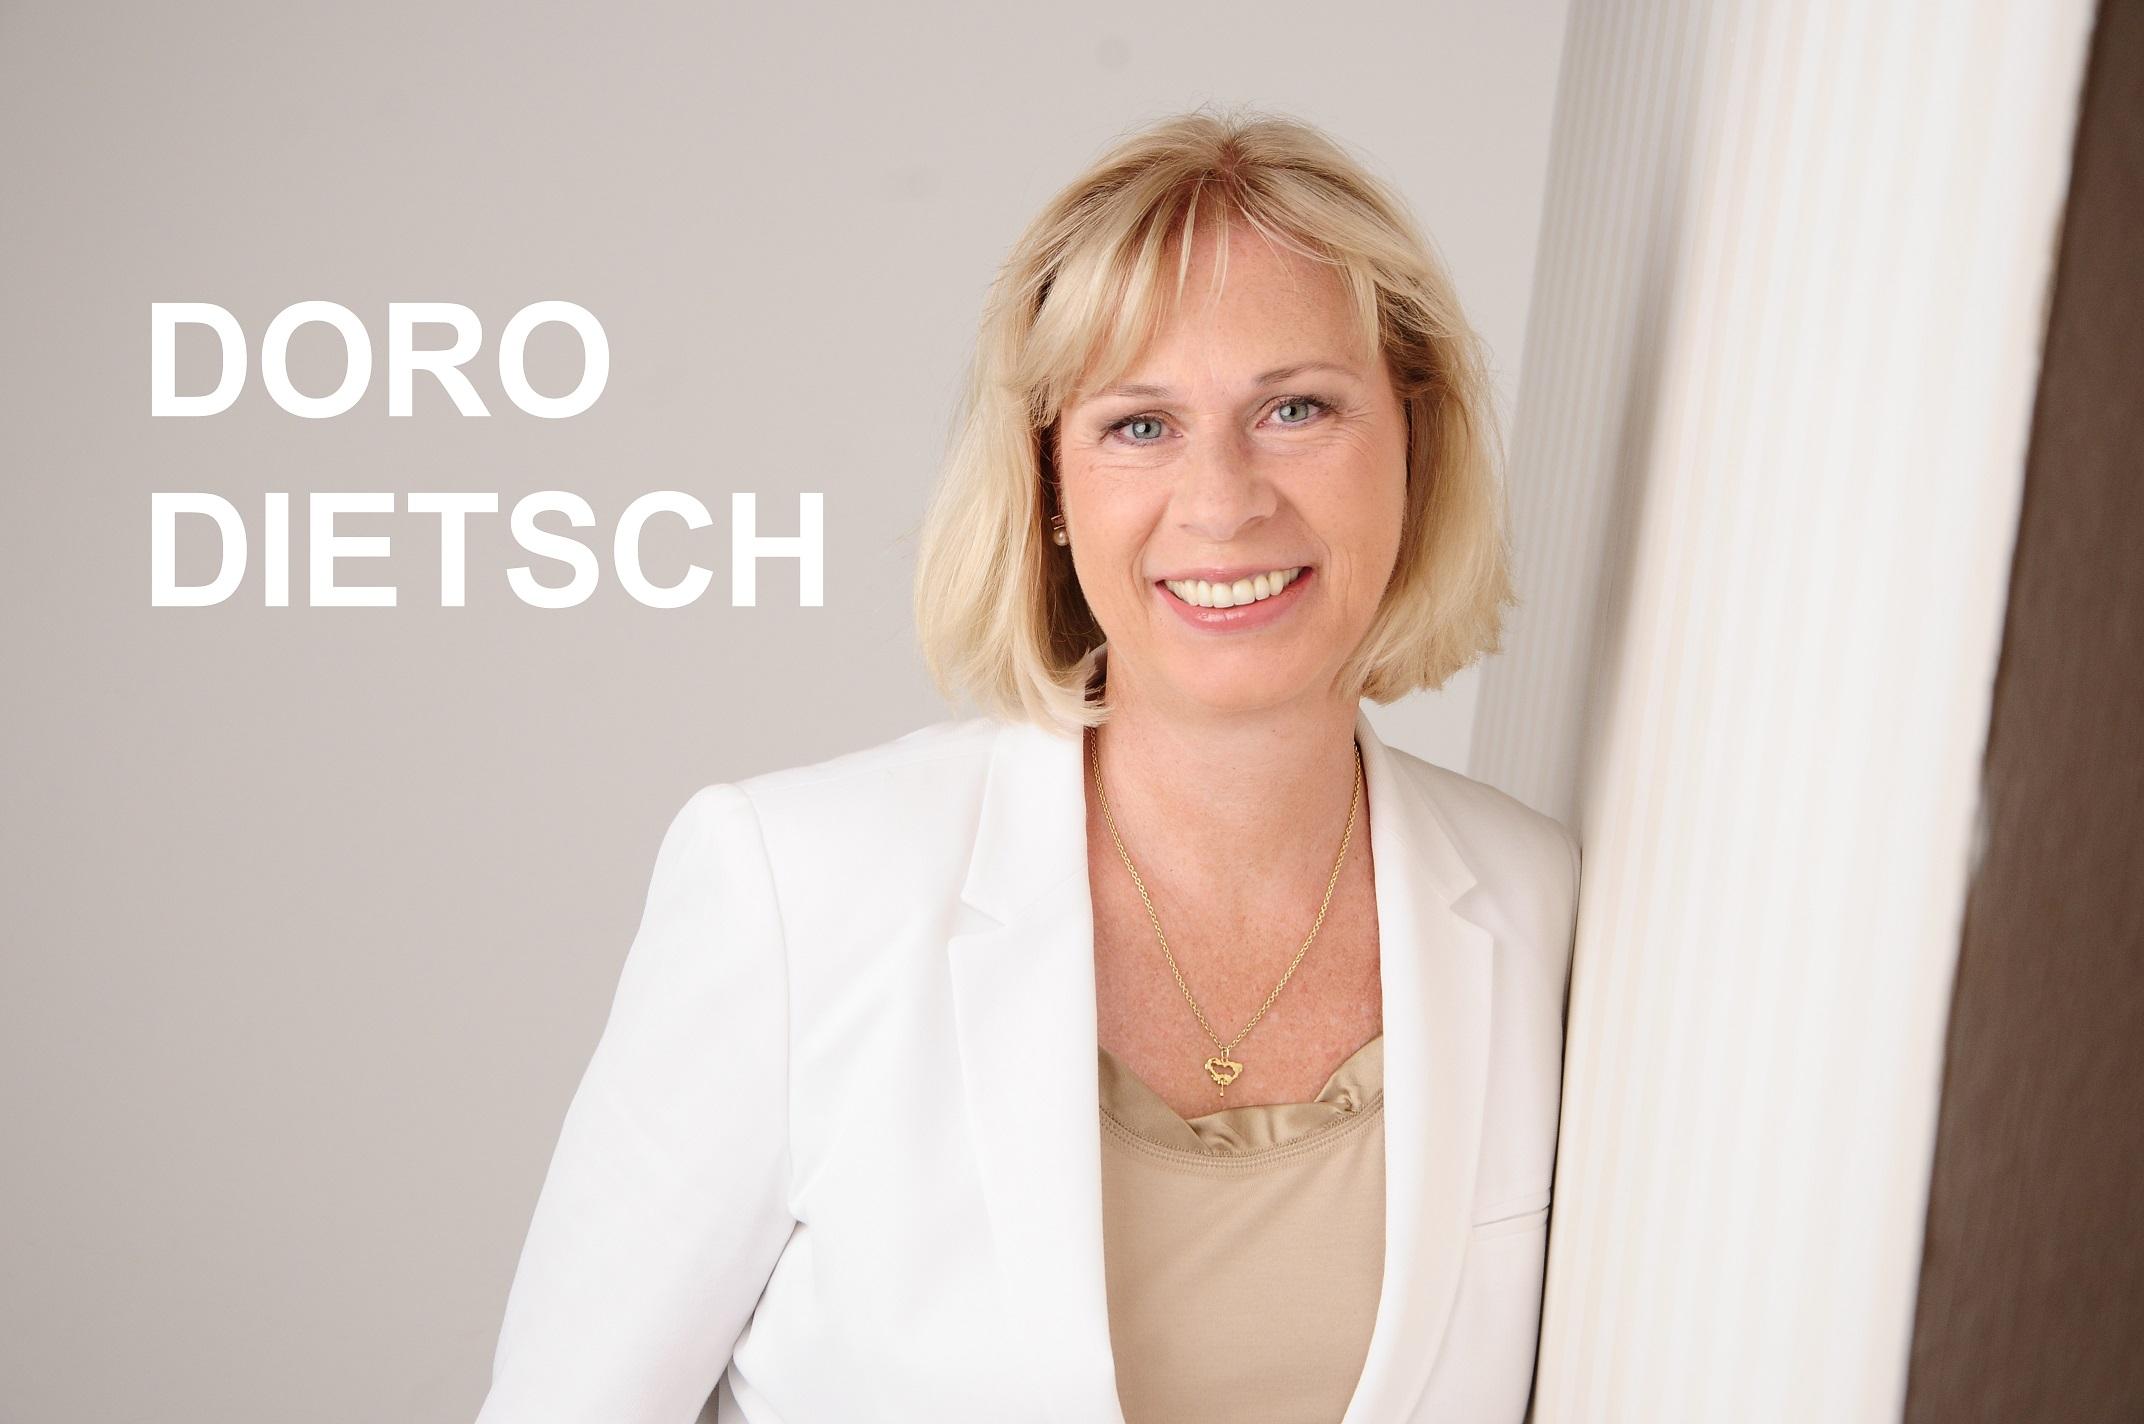 Doro_Dietsch Kopie